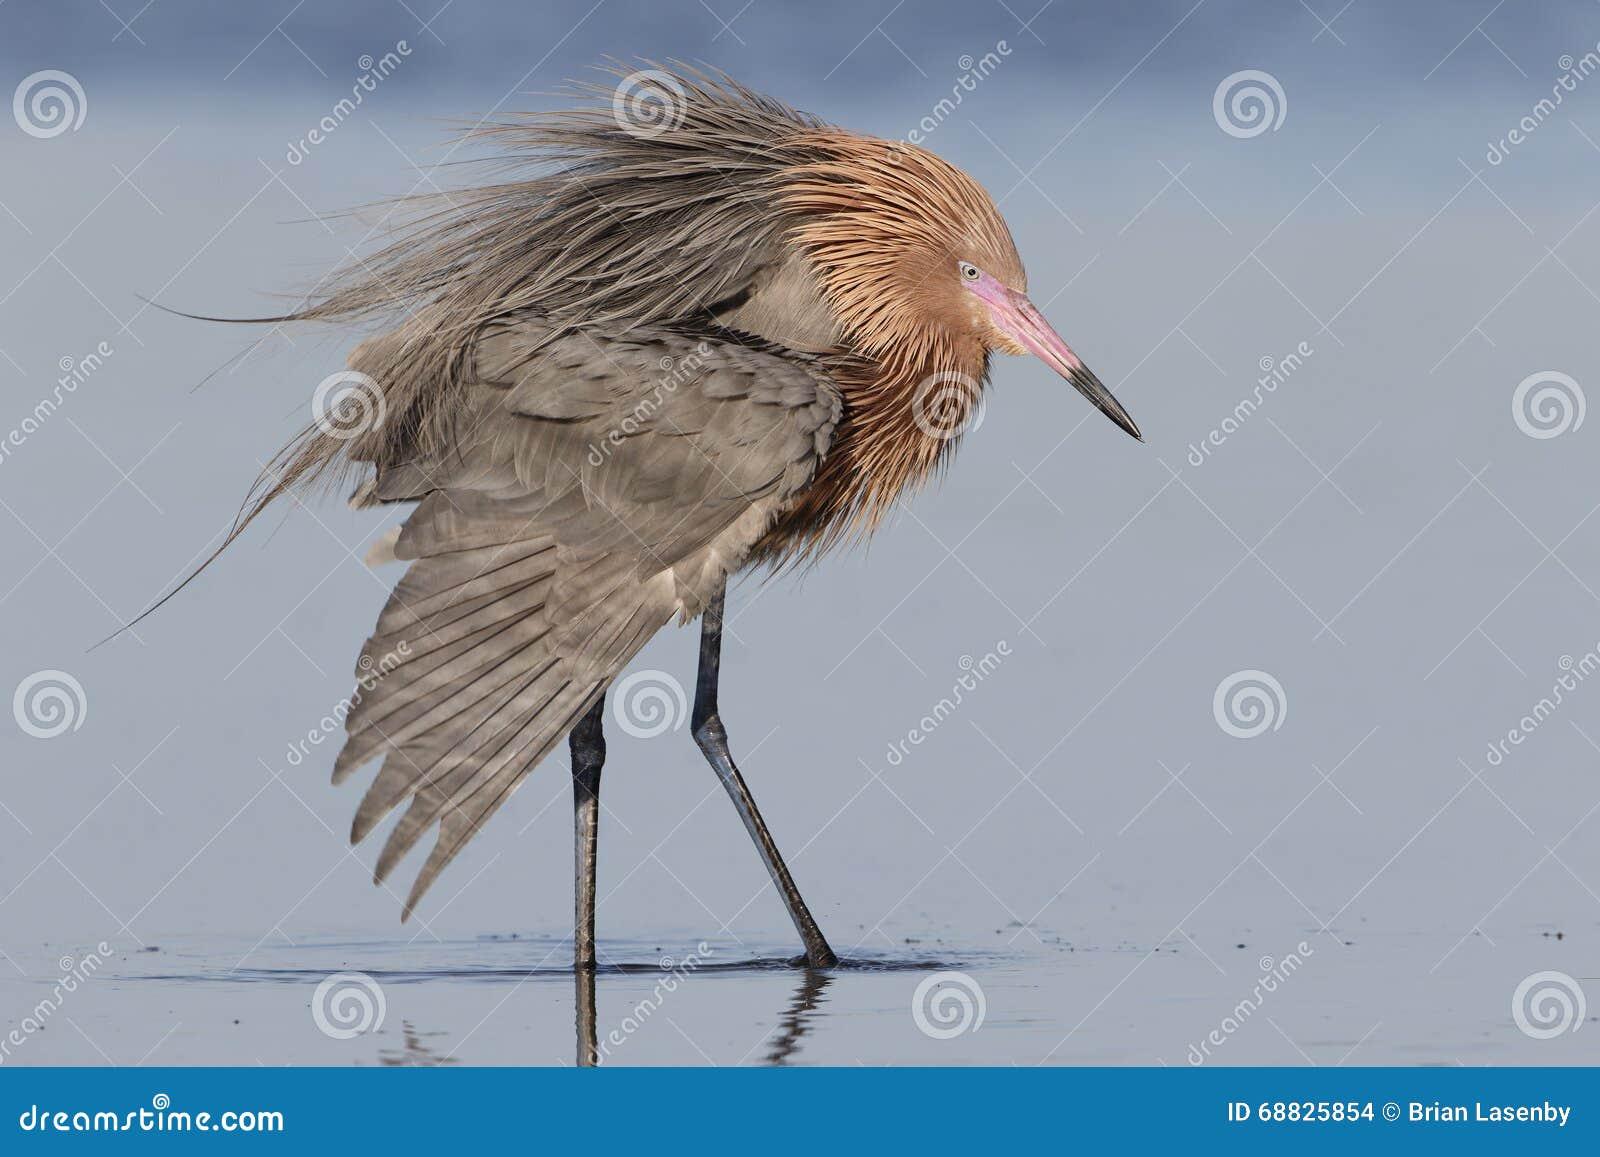 Héron rougeâtre prolongeant une aile - la Floride